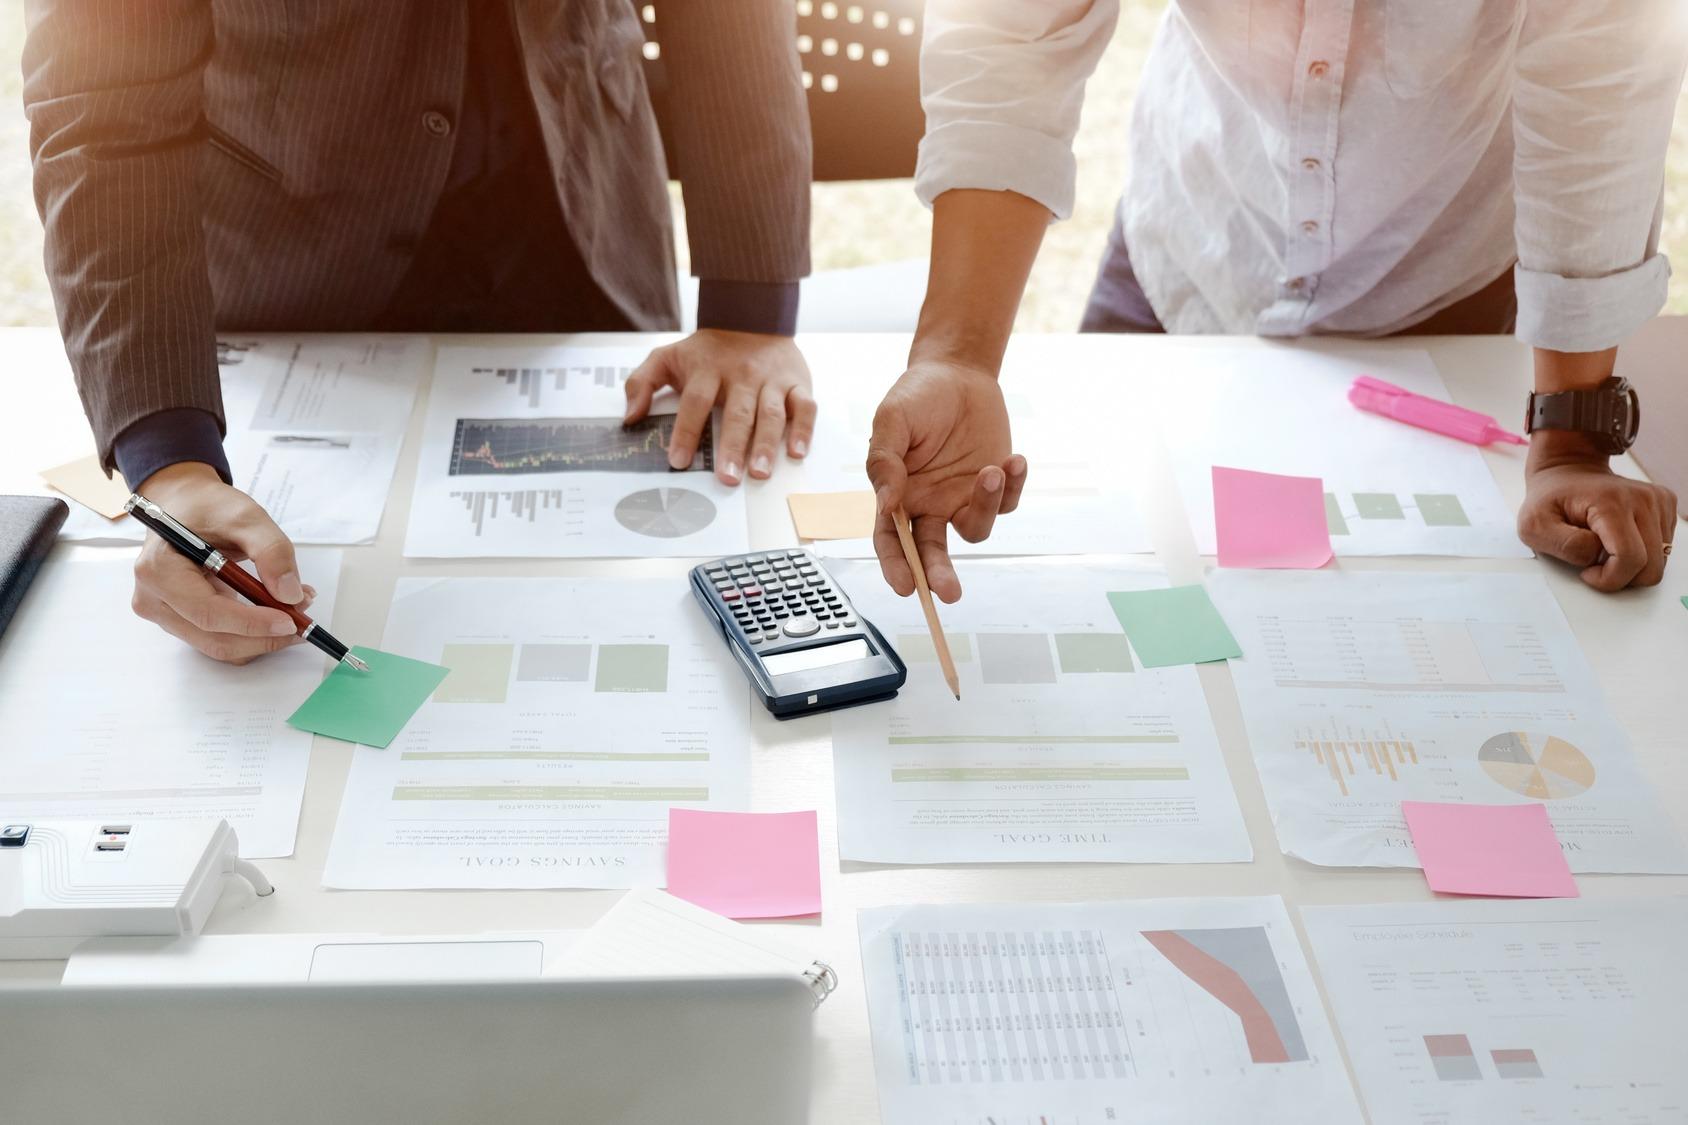 Zwei Business Analysten stehen vor einem Schreibtisch. Vor ihnen liegen mehrere Dokumente mit Diagrammen und Statistiken, außerdem ein Taschenrechner sowie ein Laptop.